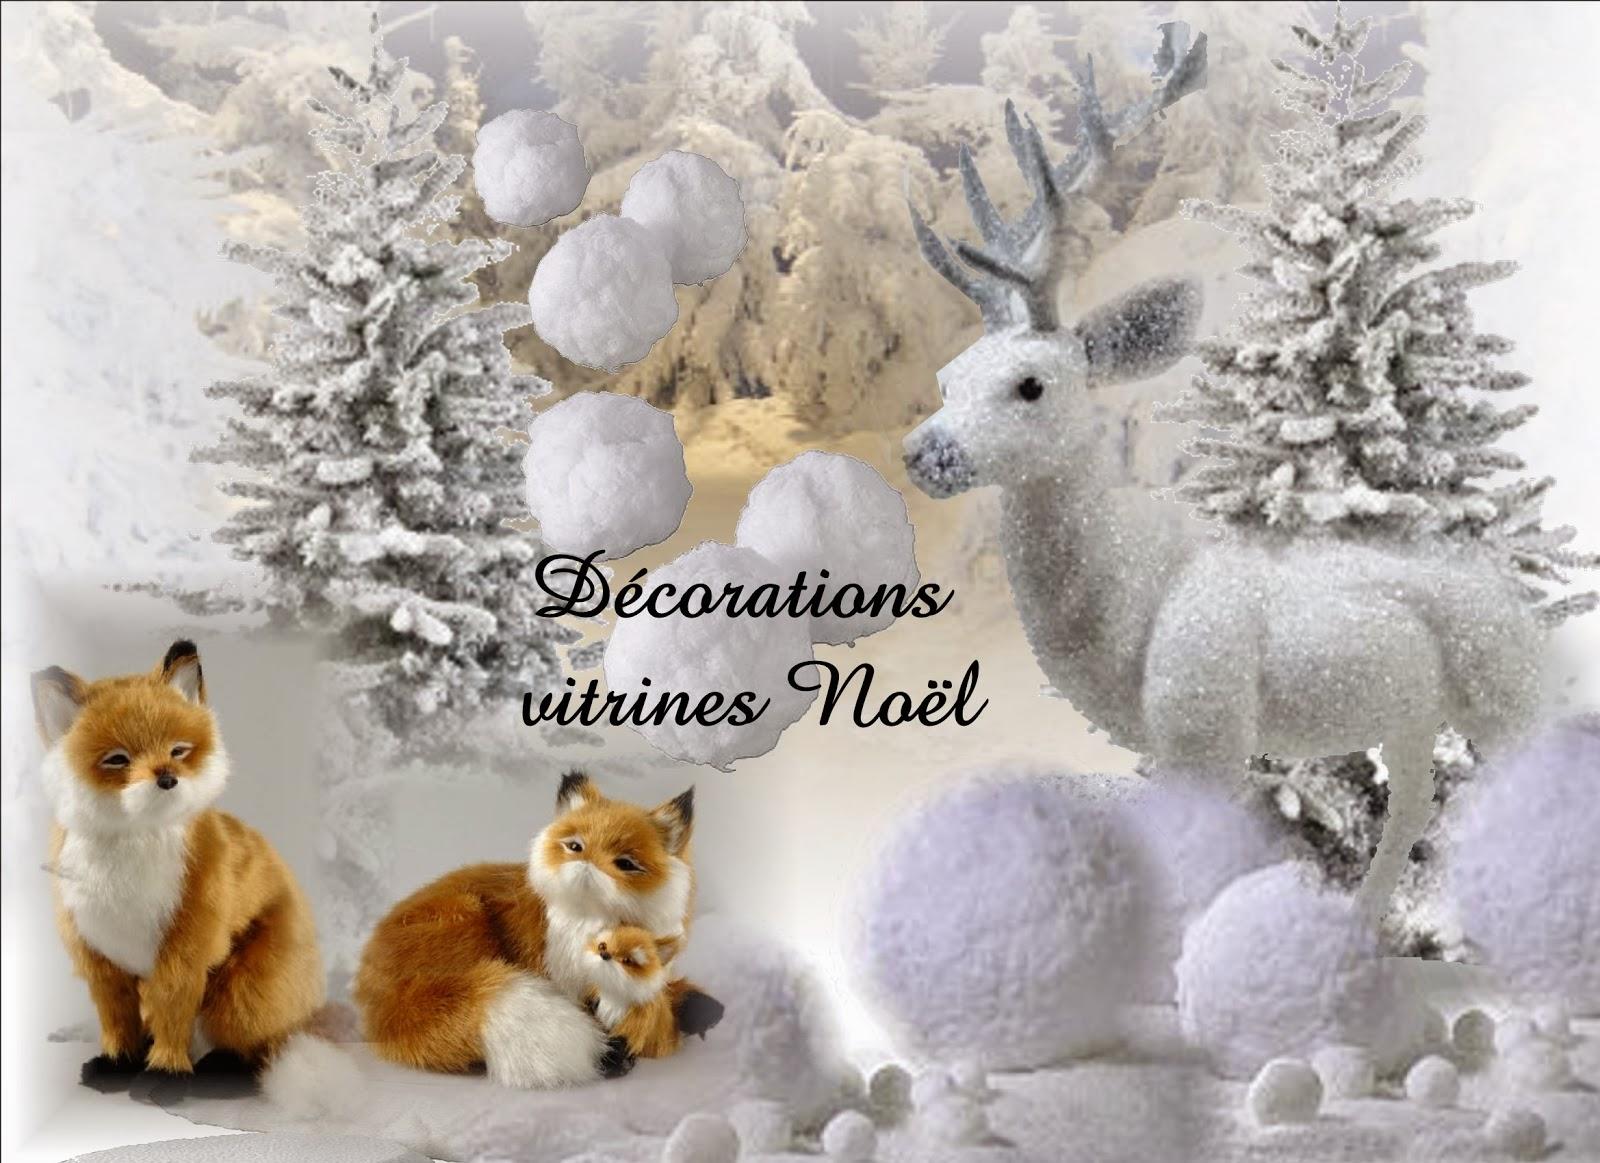 #724116 Decorateur Vitrines Noel/Festidomi 5483 decorations de noel pour entreprise 1600x1163 px @ aertt.com